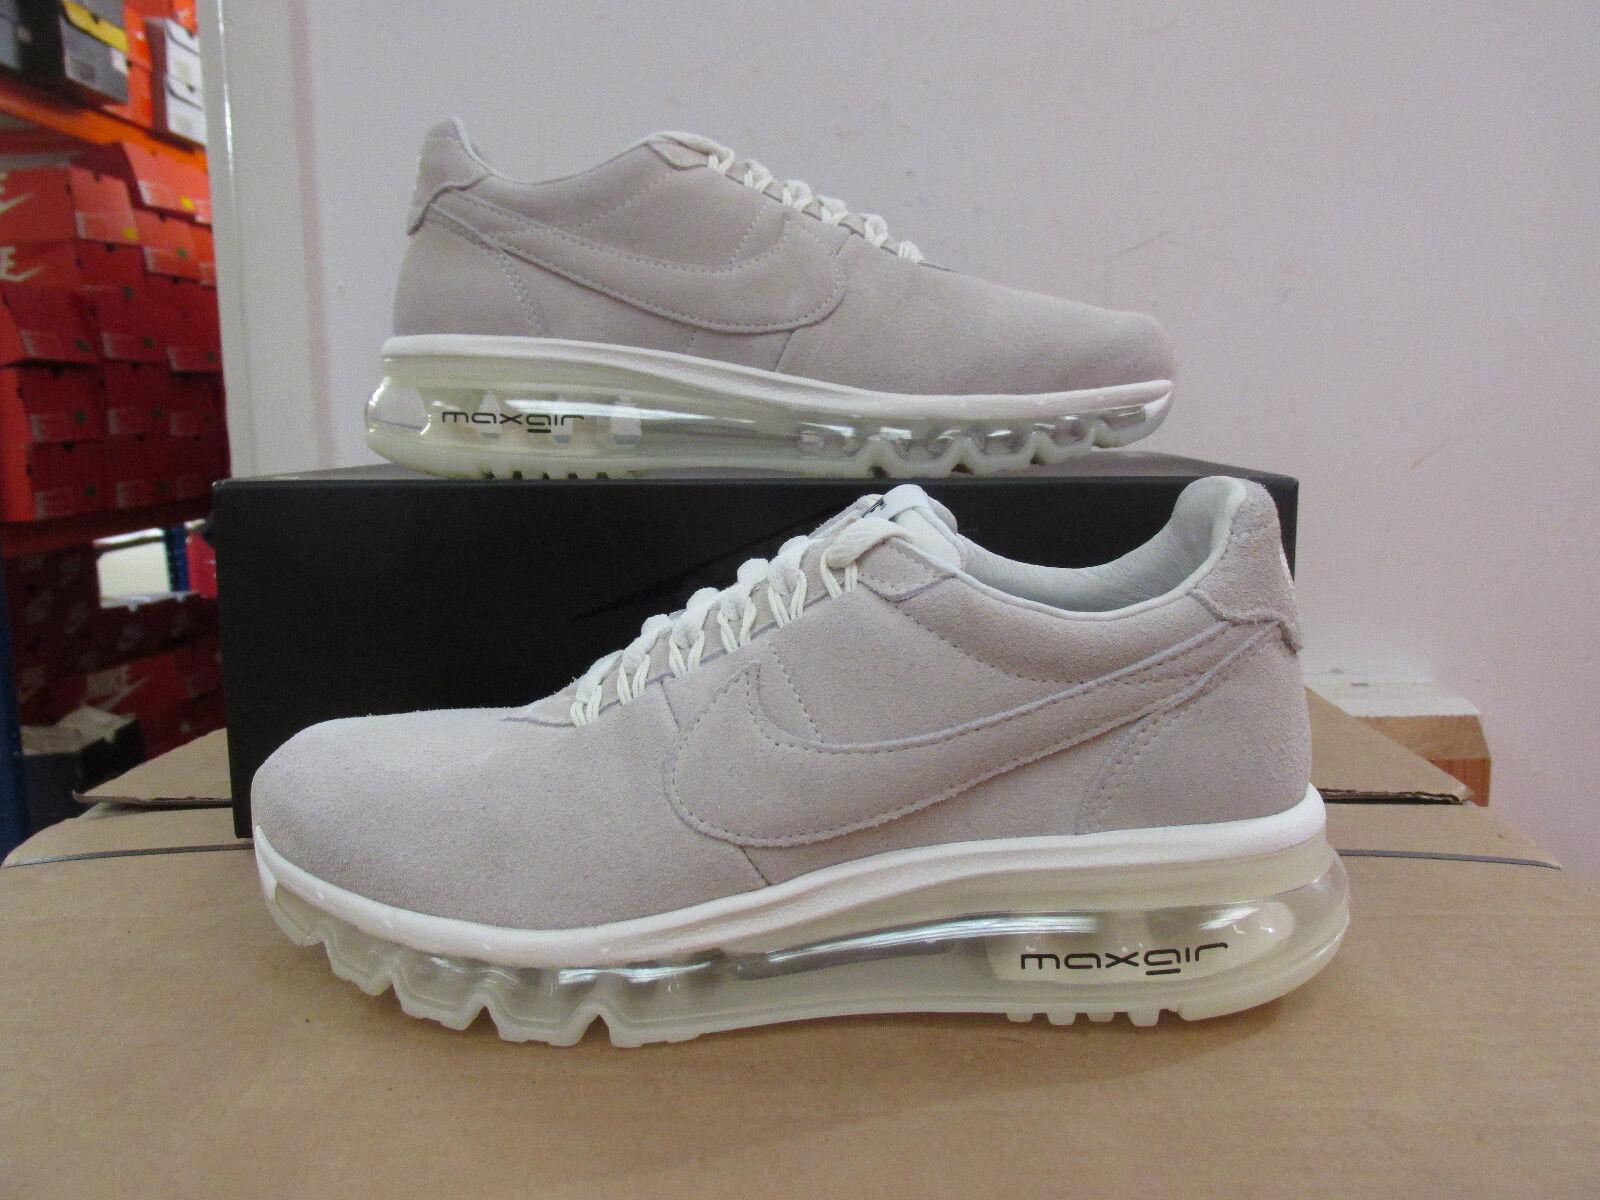 Nike Air Max Ld-Zero Ld-Zero Ld-Zero Herren Turnschuhe 848624 100 Schuhe Sneaker Räumung bb87e2